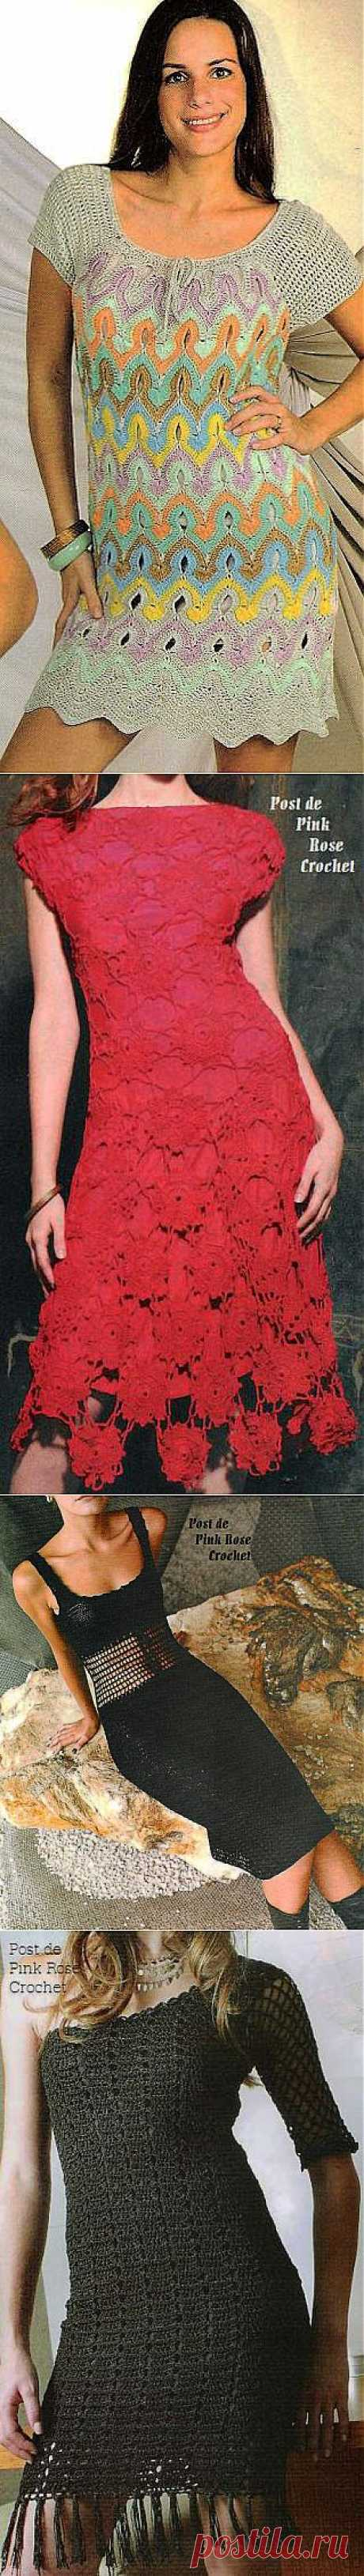 Вязание крючком. Летние платья. Схемы с выкройками.